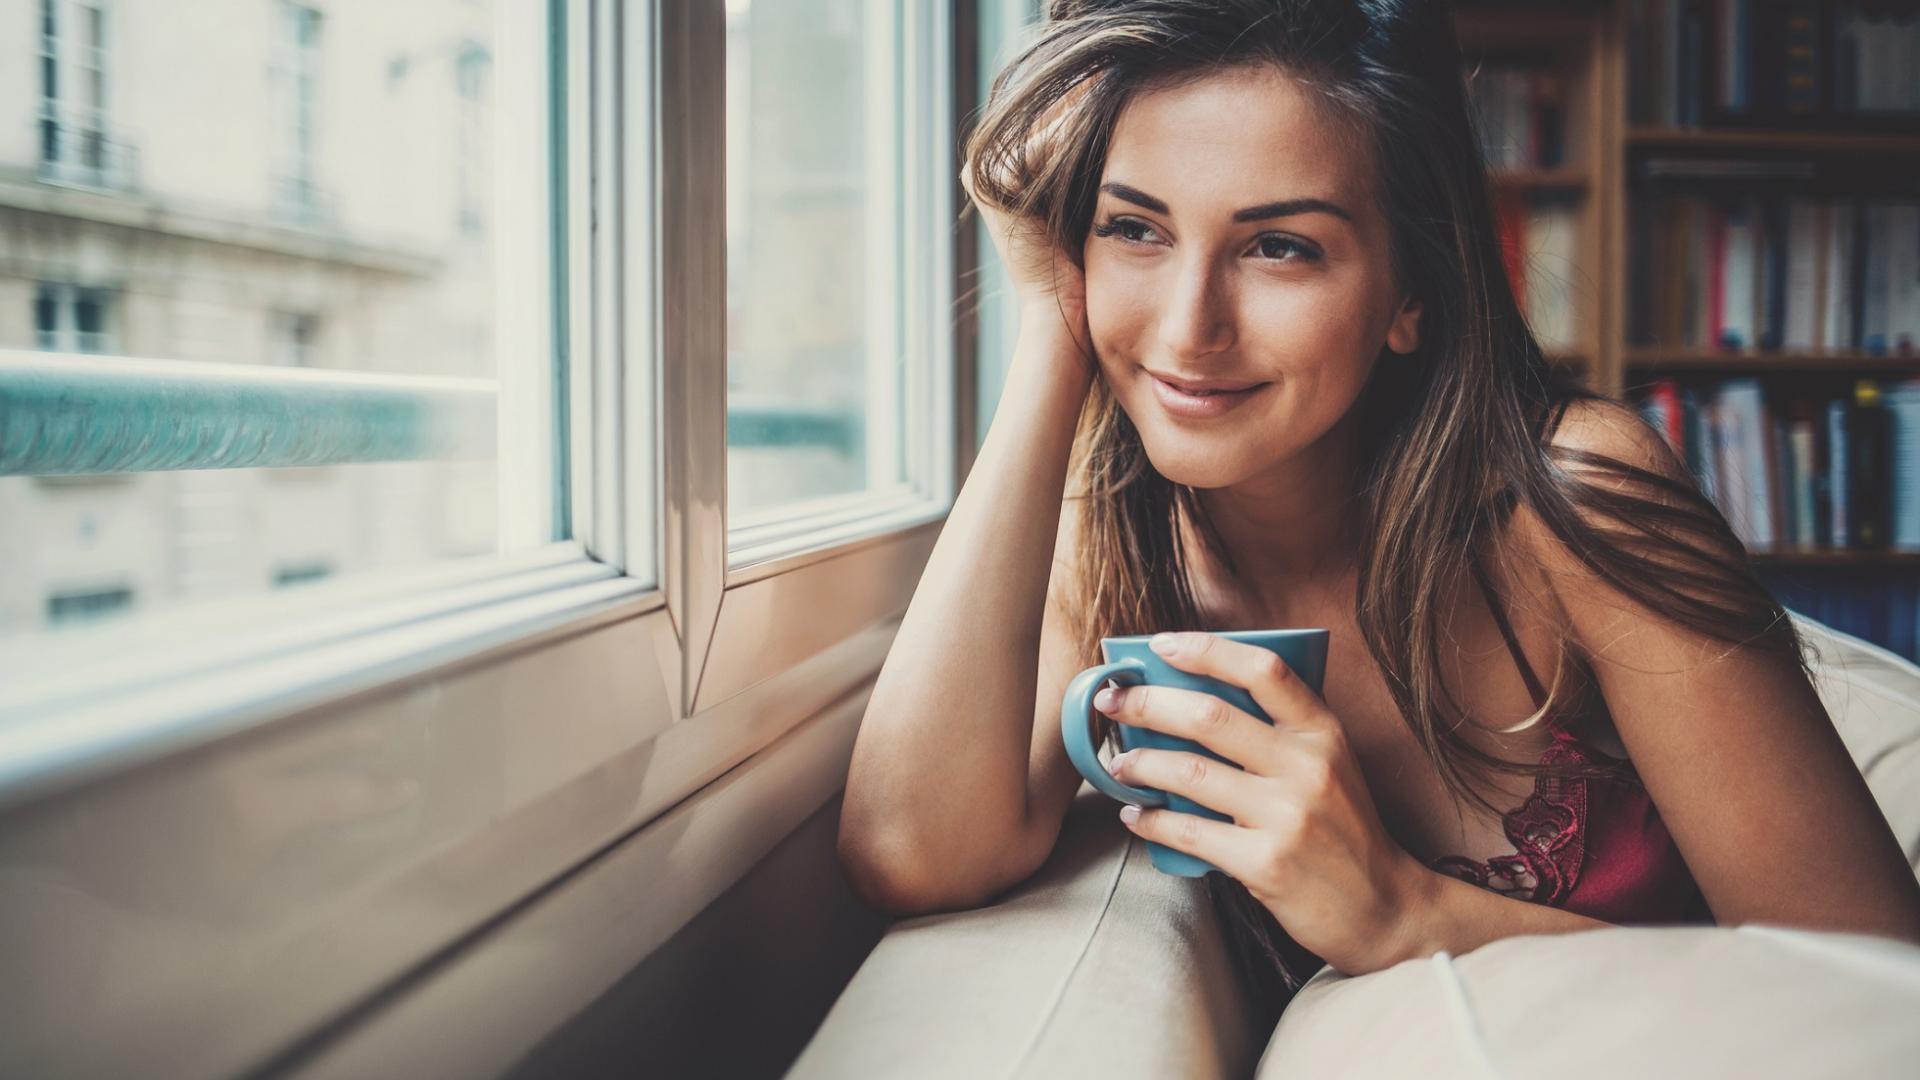 Hübsche junge Frau mit braunen Haaren hält einen Kaffeebecher in der Hand und schaut aus dem Fenster